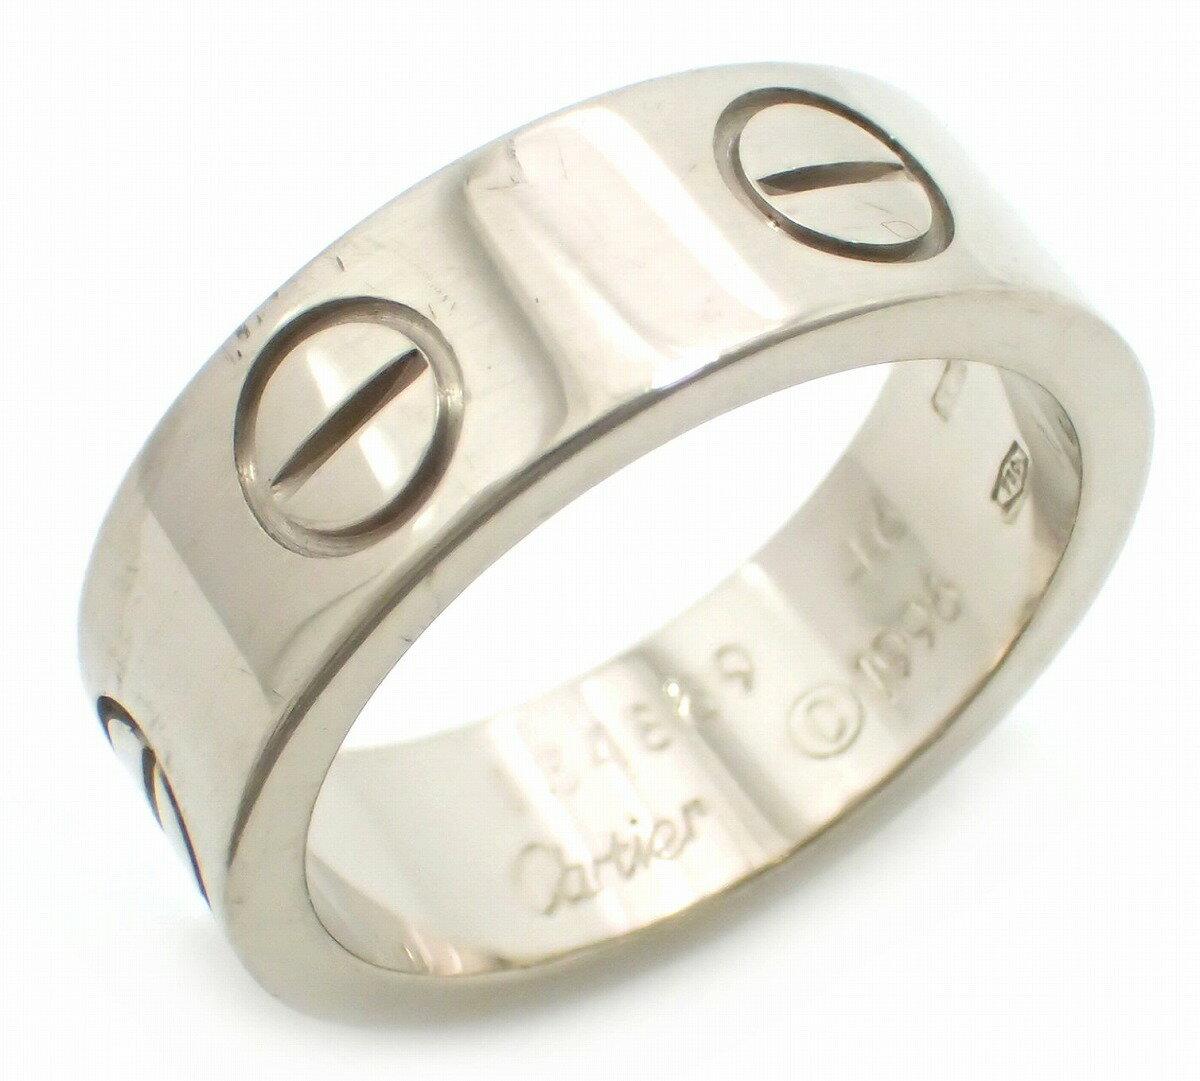 【ジュエリー】Cartier カルティエ ラブリング K18WG 750WG ホワイトゴールド リング 指輪 #46 6号 B4084700 B4084746 【中古】【u】【Blumin 楽天市場店】